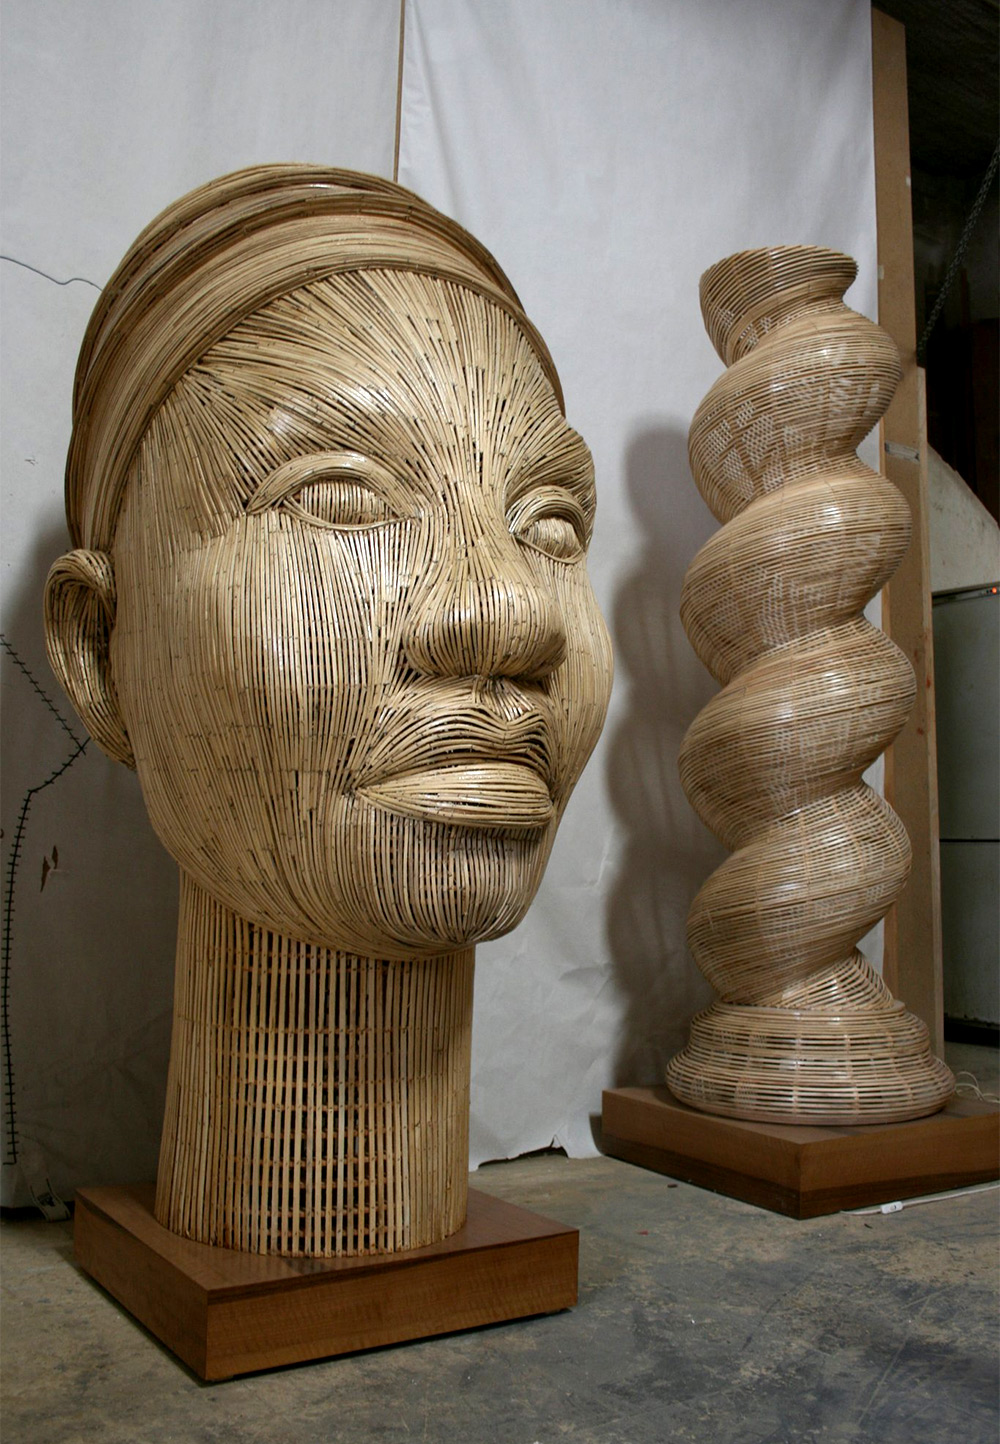 sculture-legno-giganti-manolo-garcia-las-fallas-09